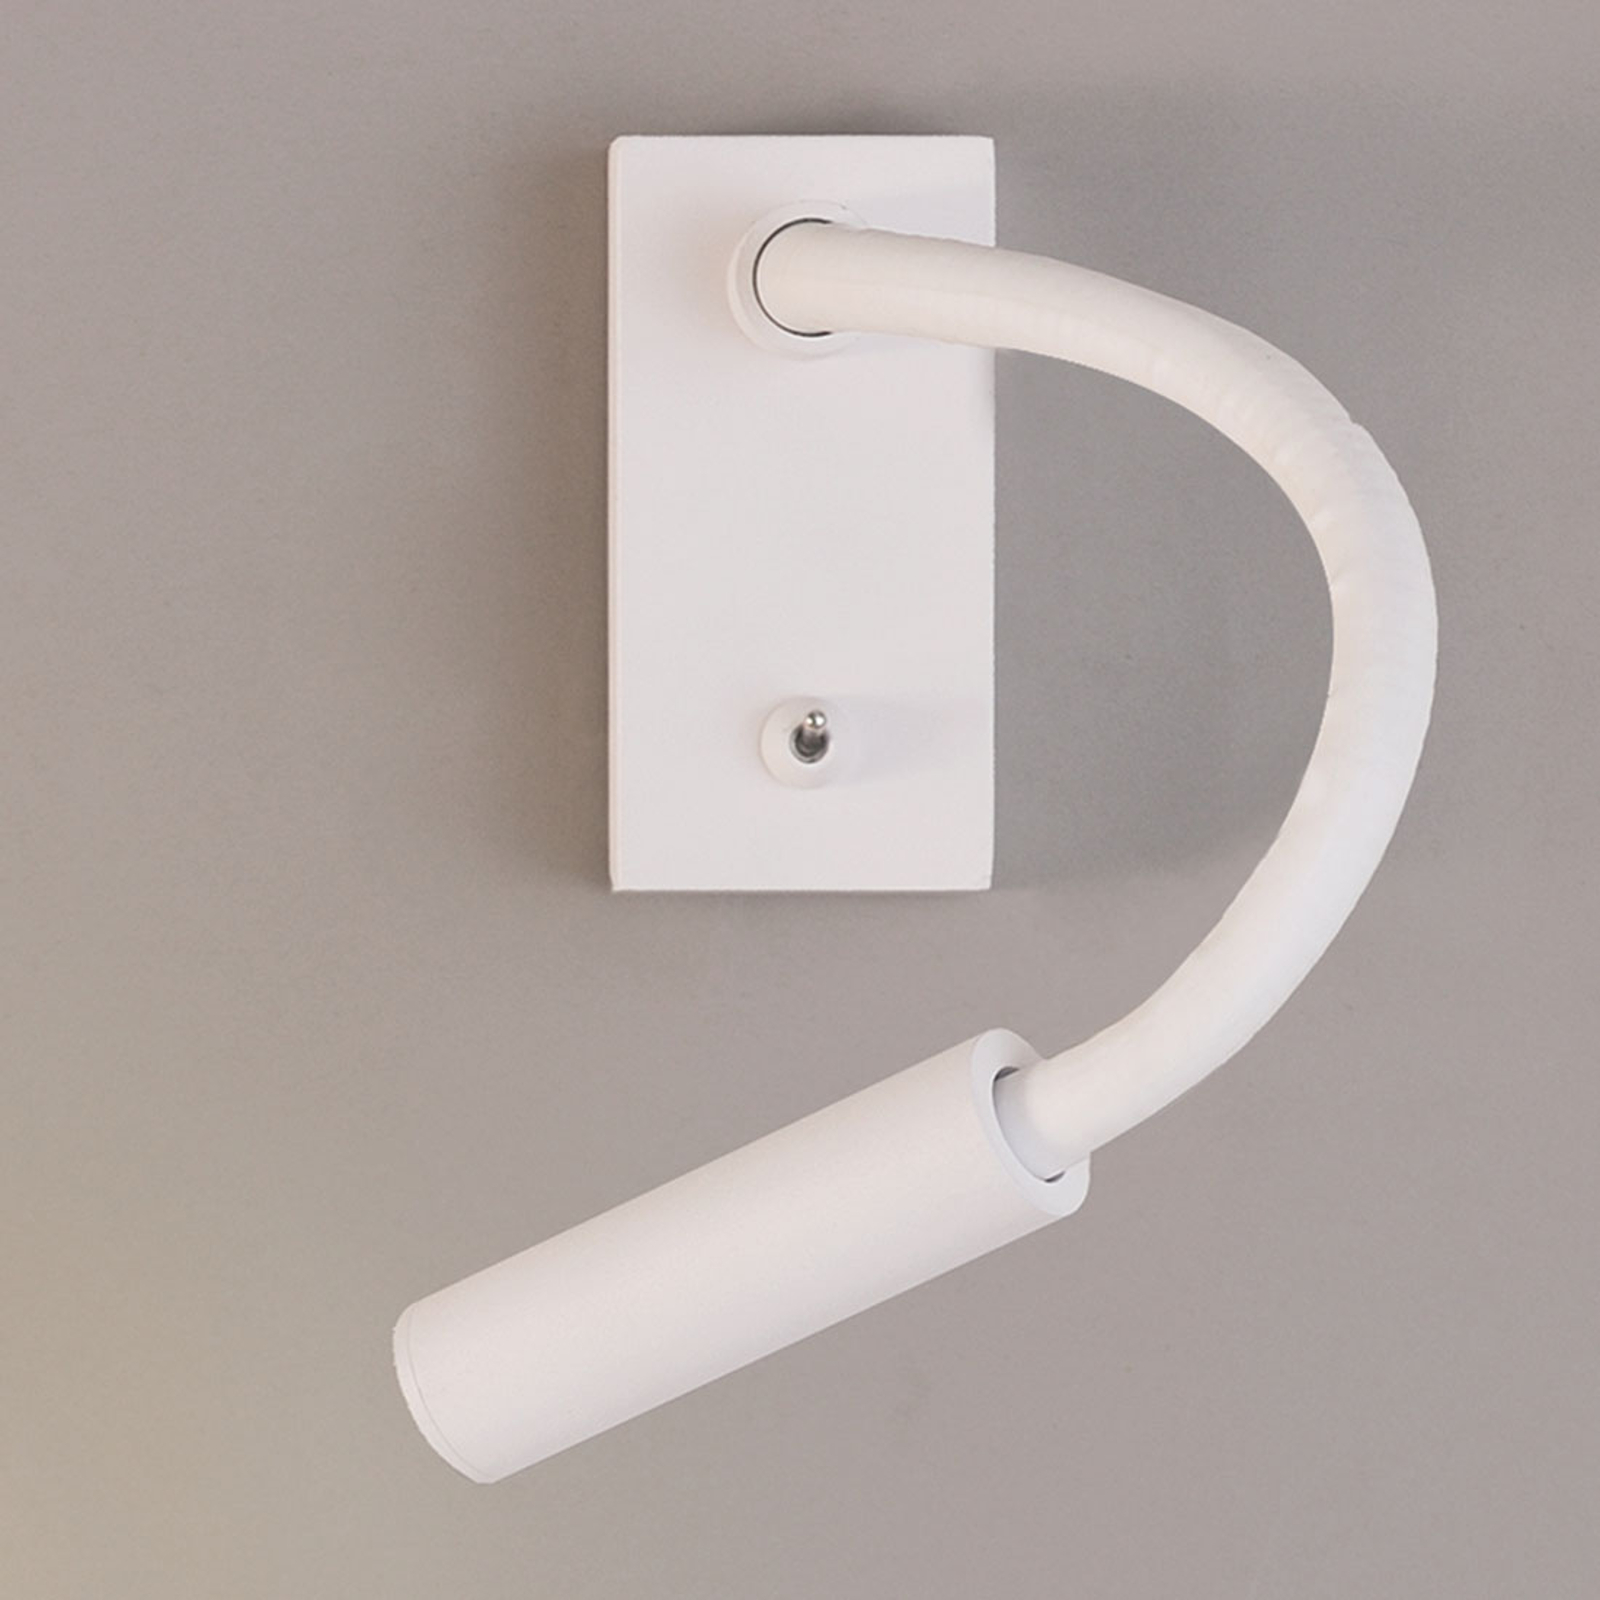 Biegsame LED-Wand-Leseleuchte Cio mit Schalter